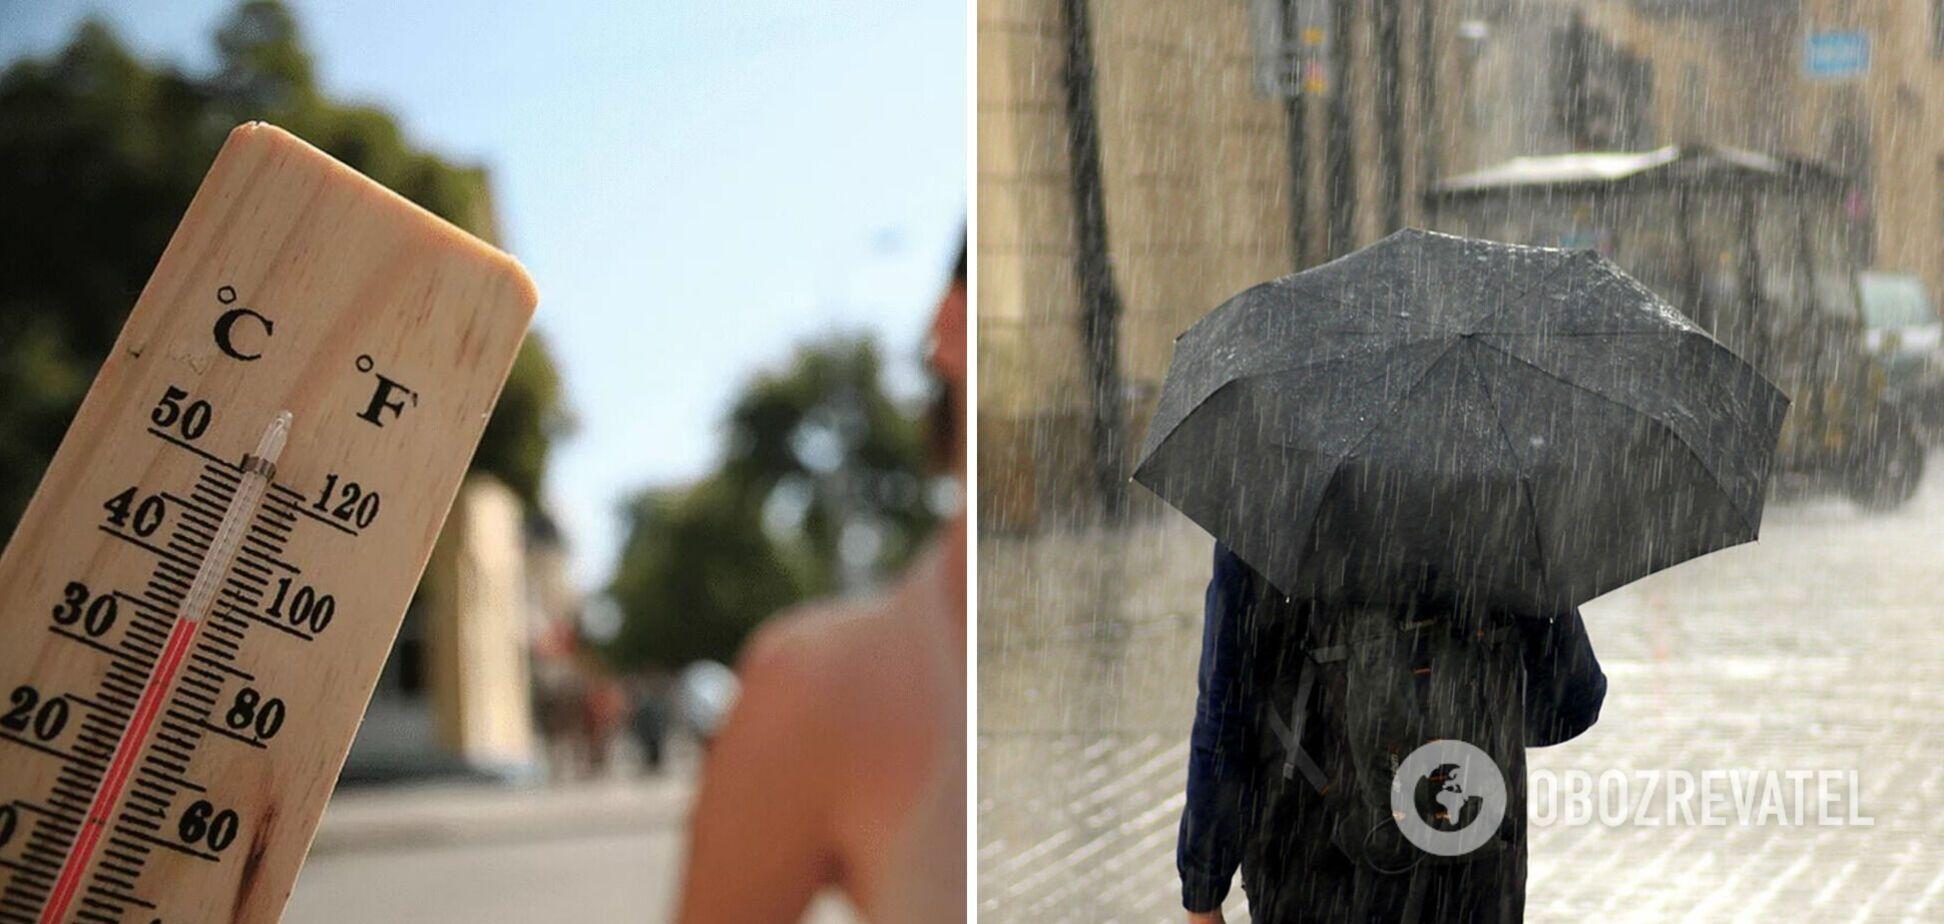 Дожди и жара +35: синоптики уточнили прогноз погоды на начало недели